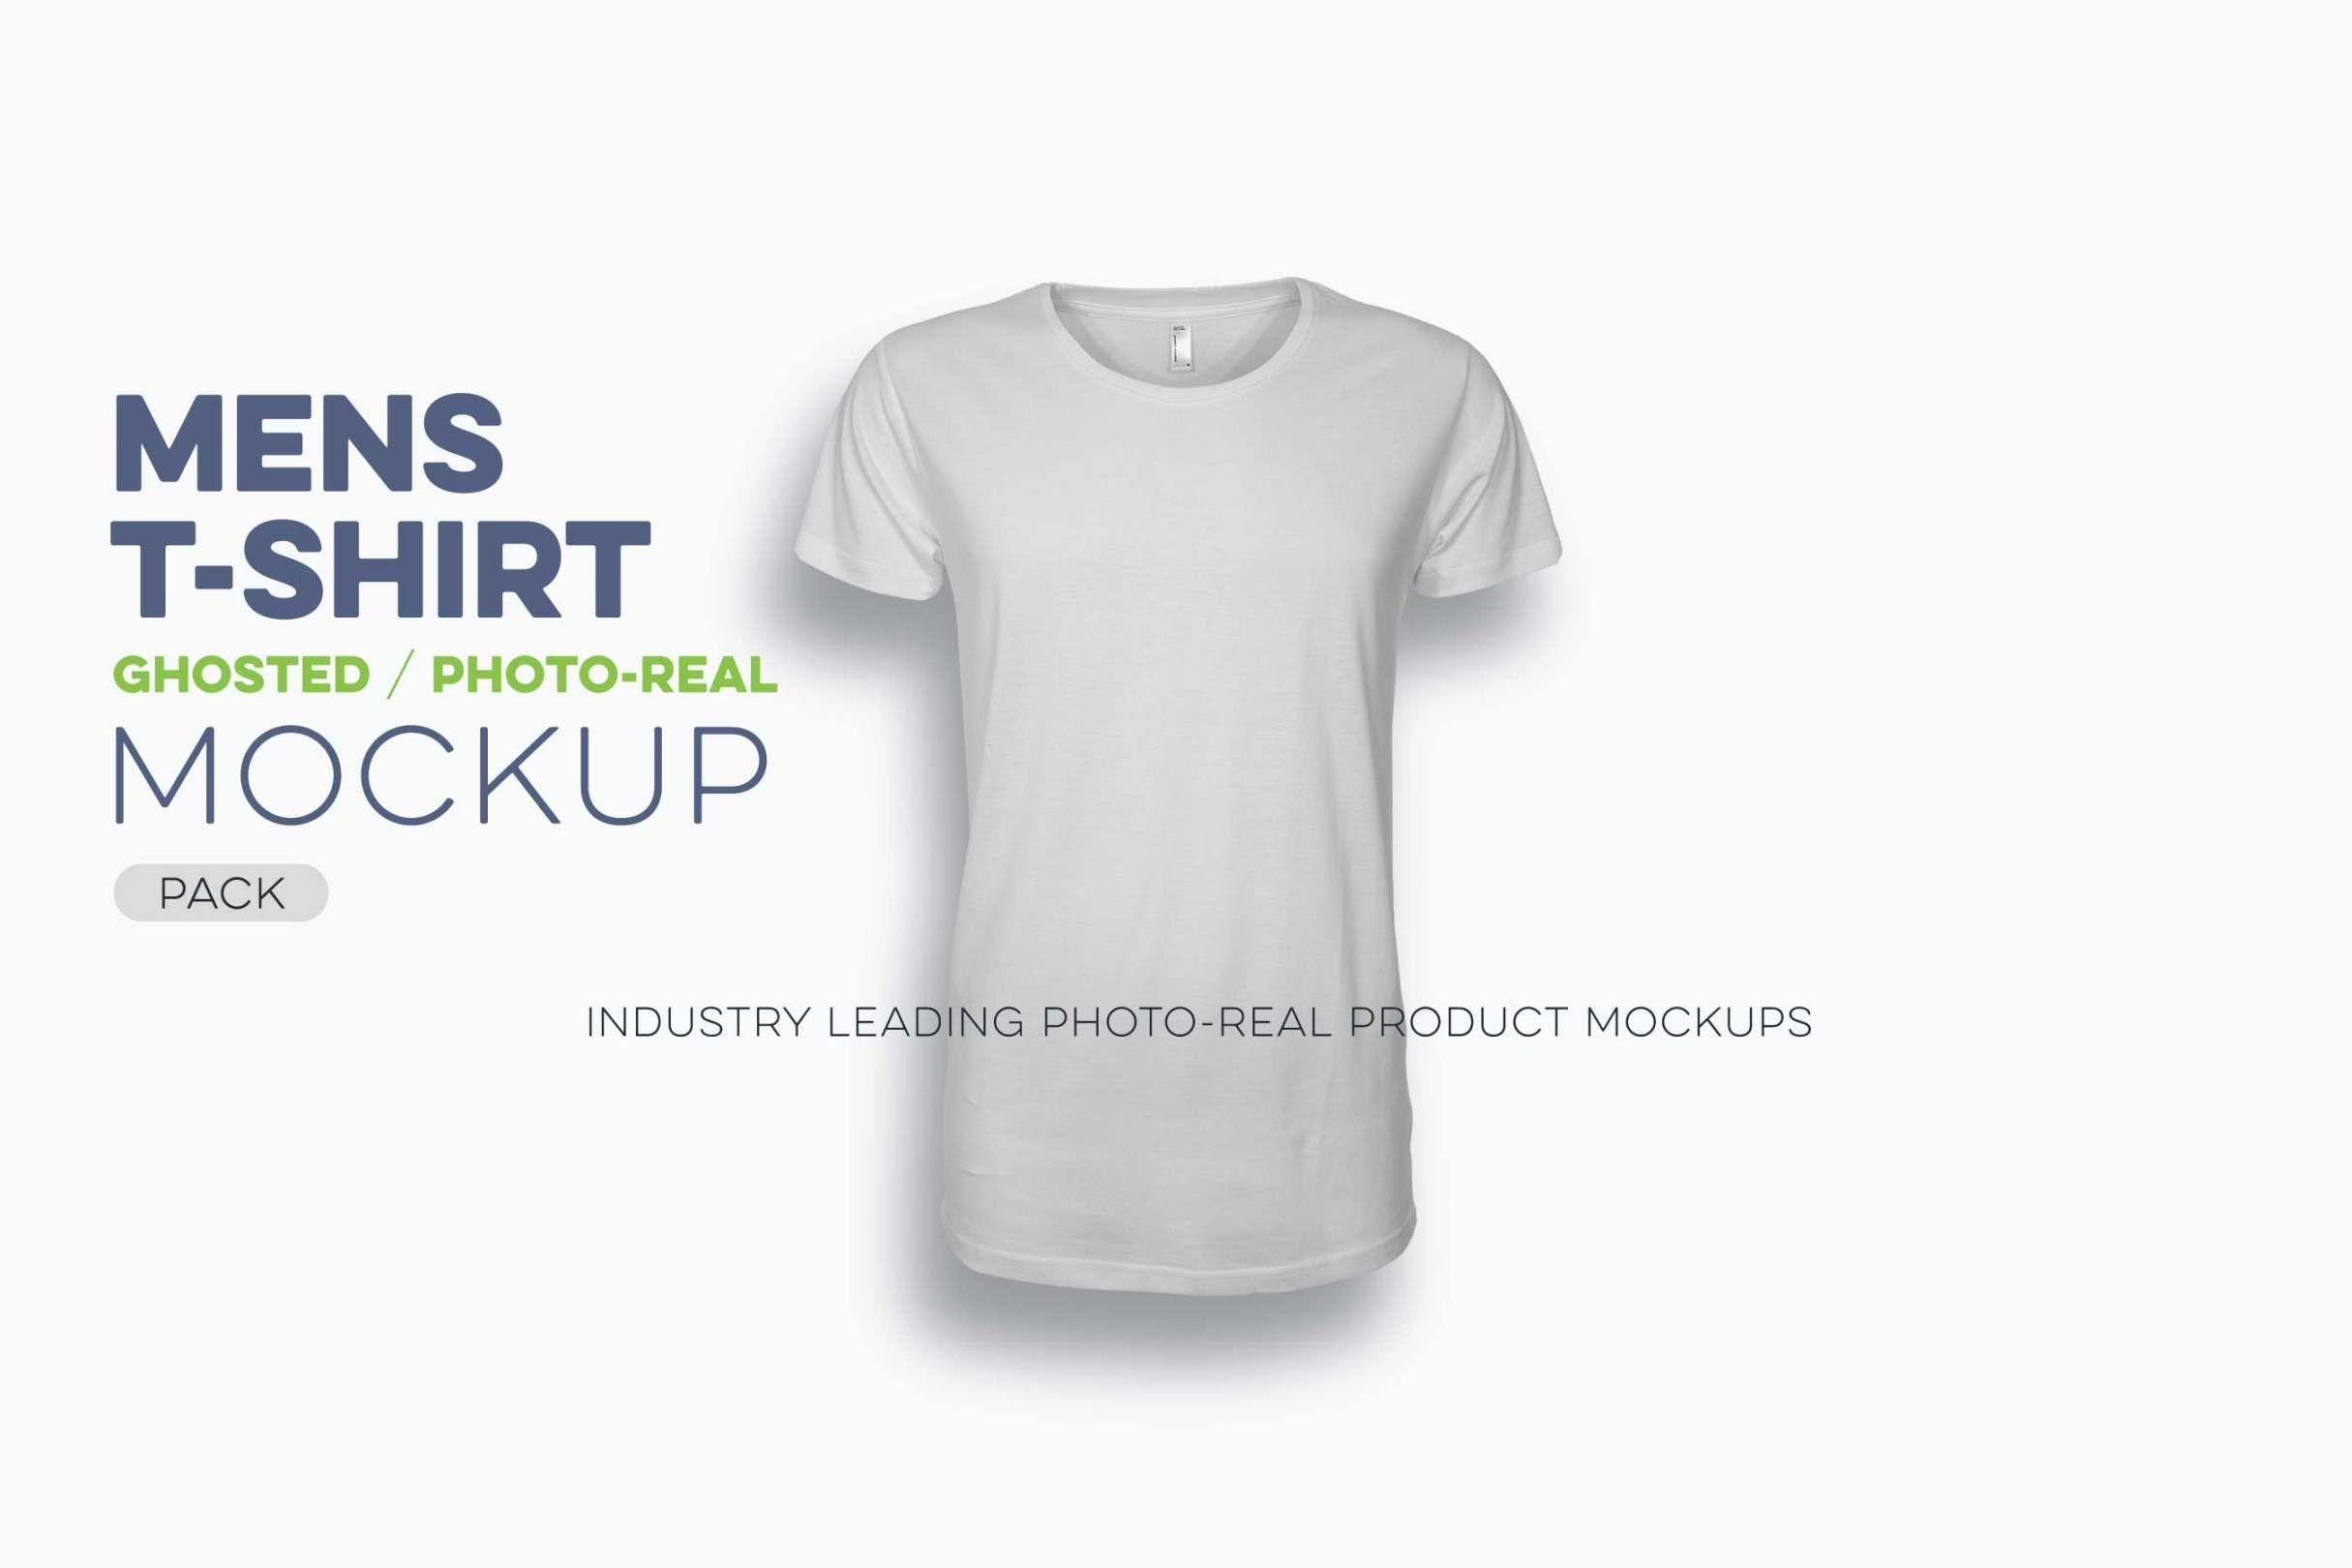 Primar T Shirt Vorlage In 2020 T Shirt Vorlage Shirts T Shirt